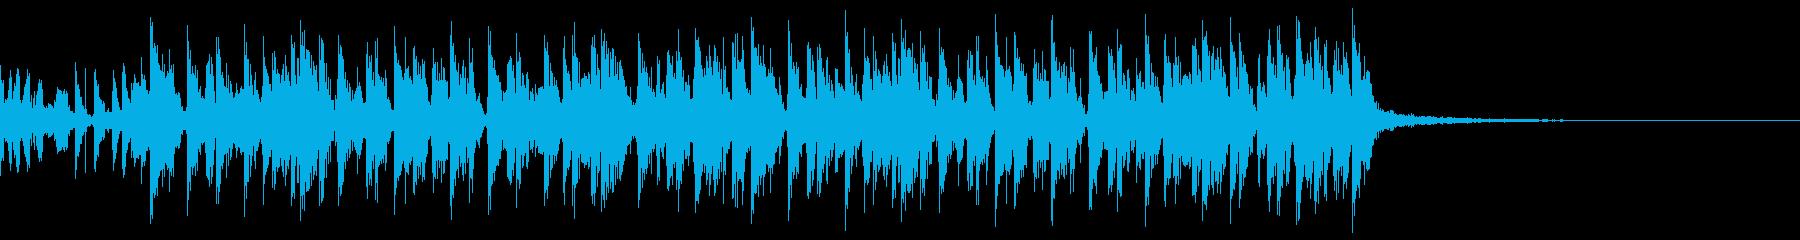 ジャイロスコープの再生済みの波形